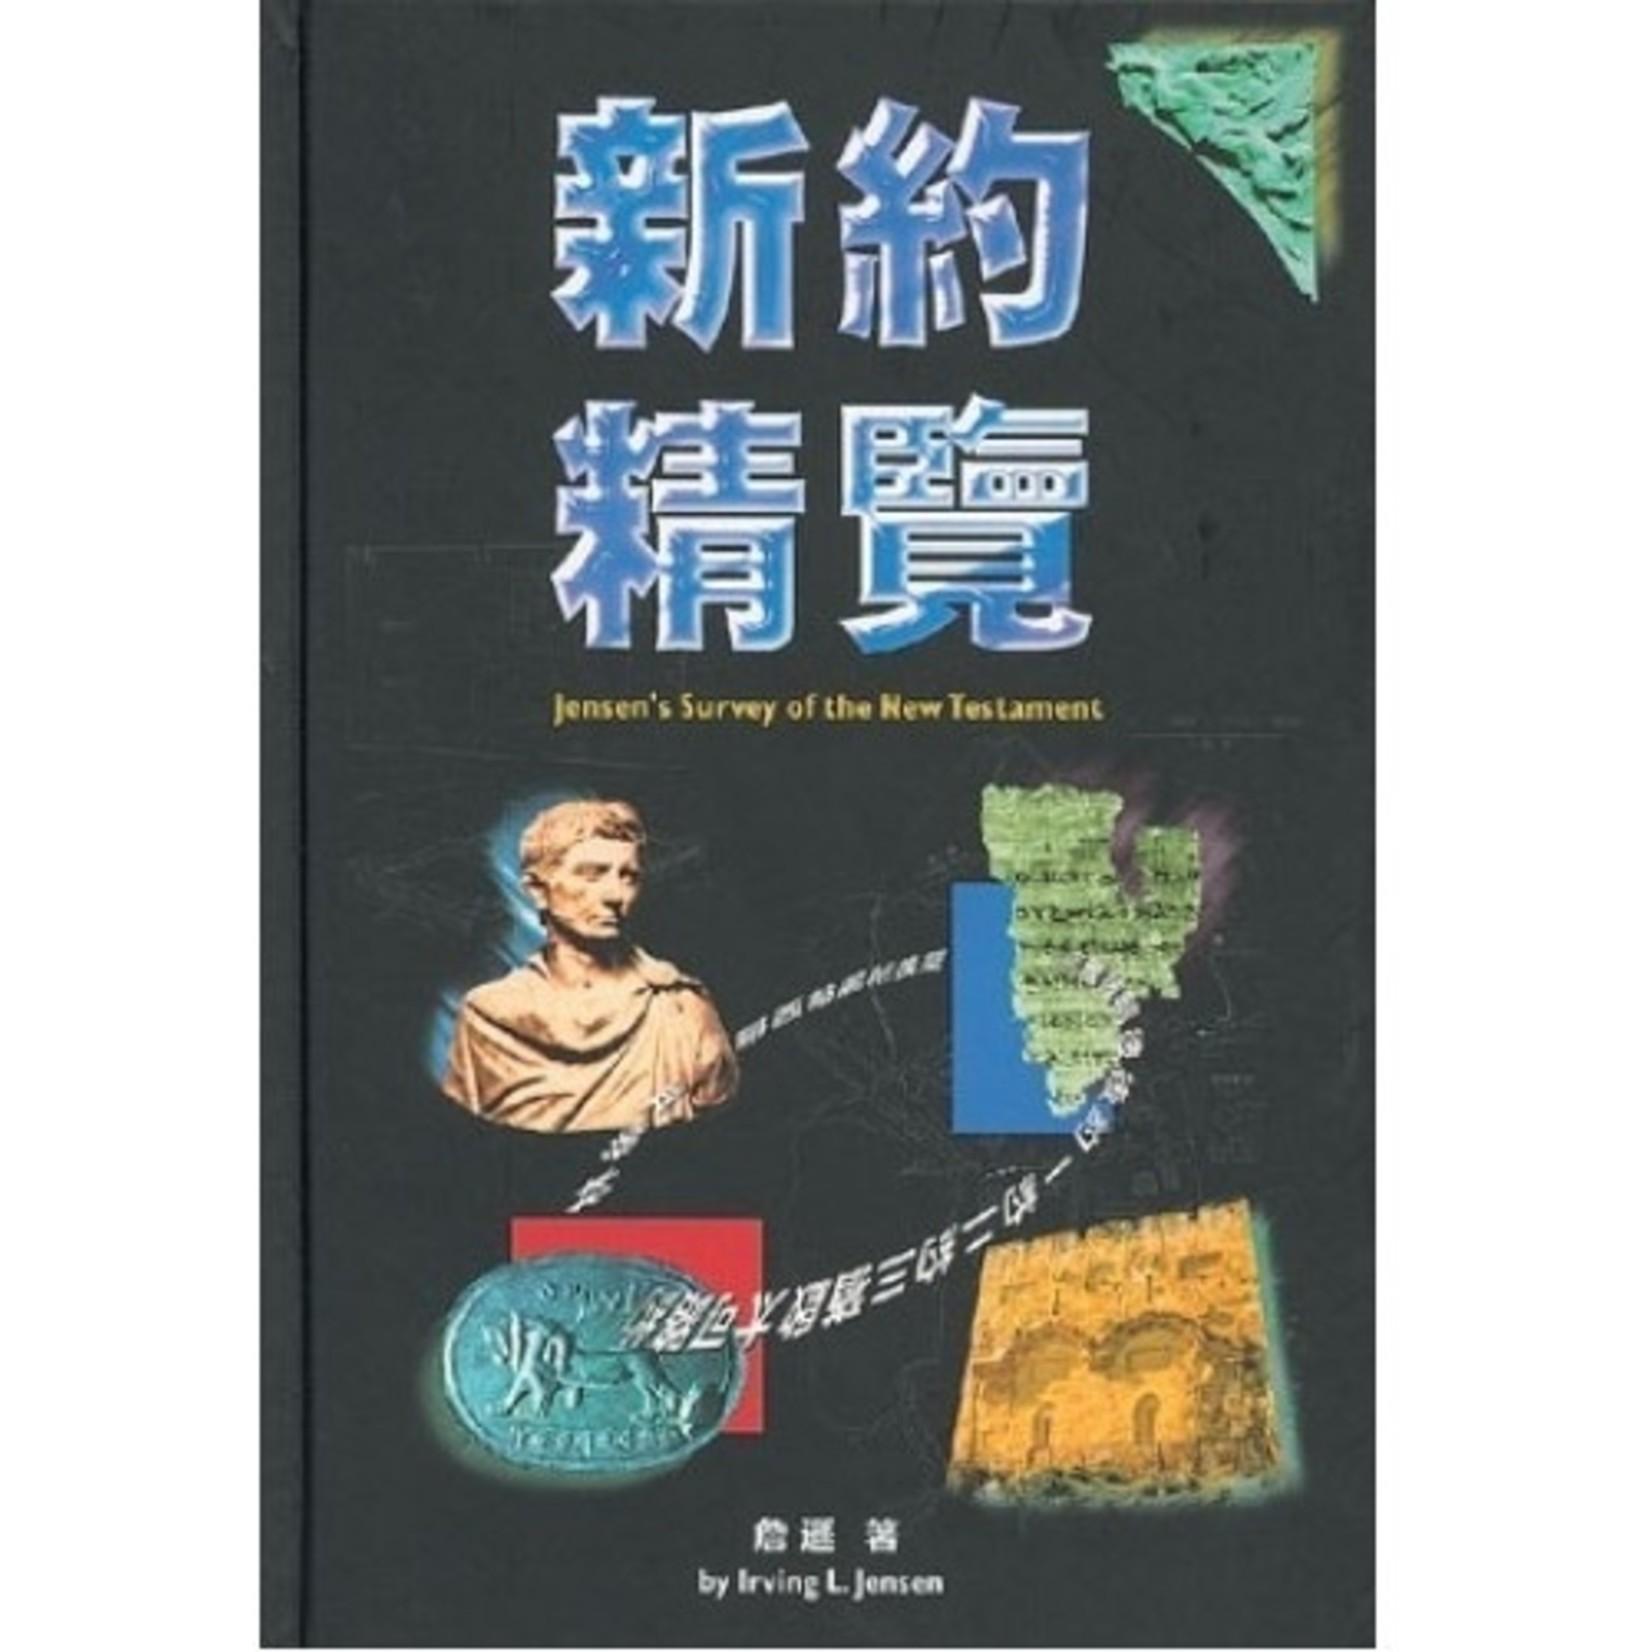 宣道 China Alliance Press 新約精覽 Jensen's Survey of the New Testament